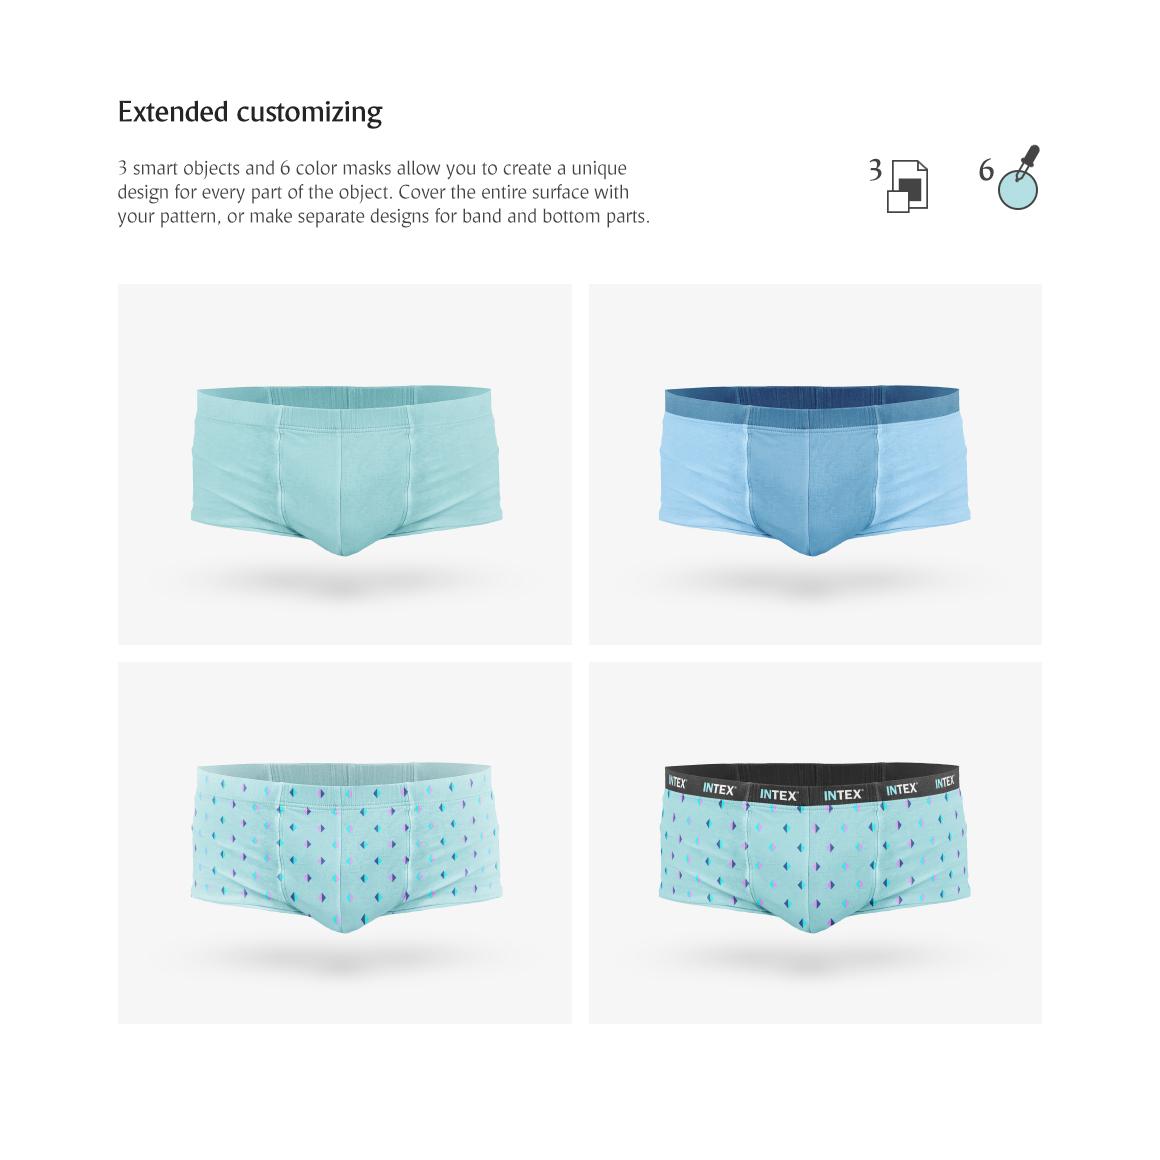 men s trunks underwear product mockup 73661